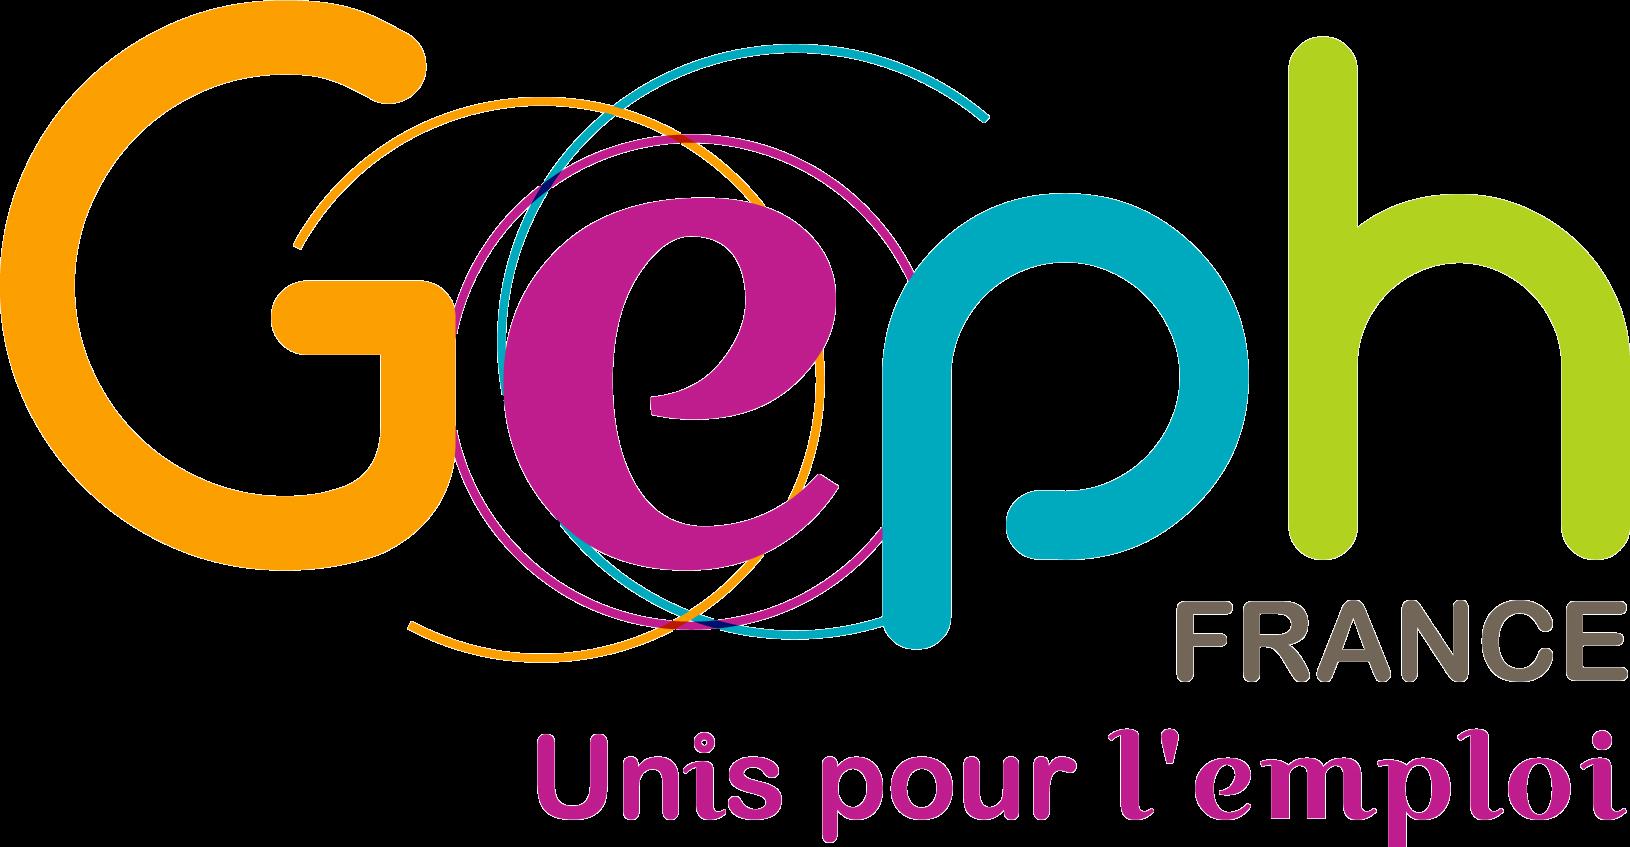 GEPH FRANCE - Unis pour l'emploi